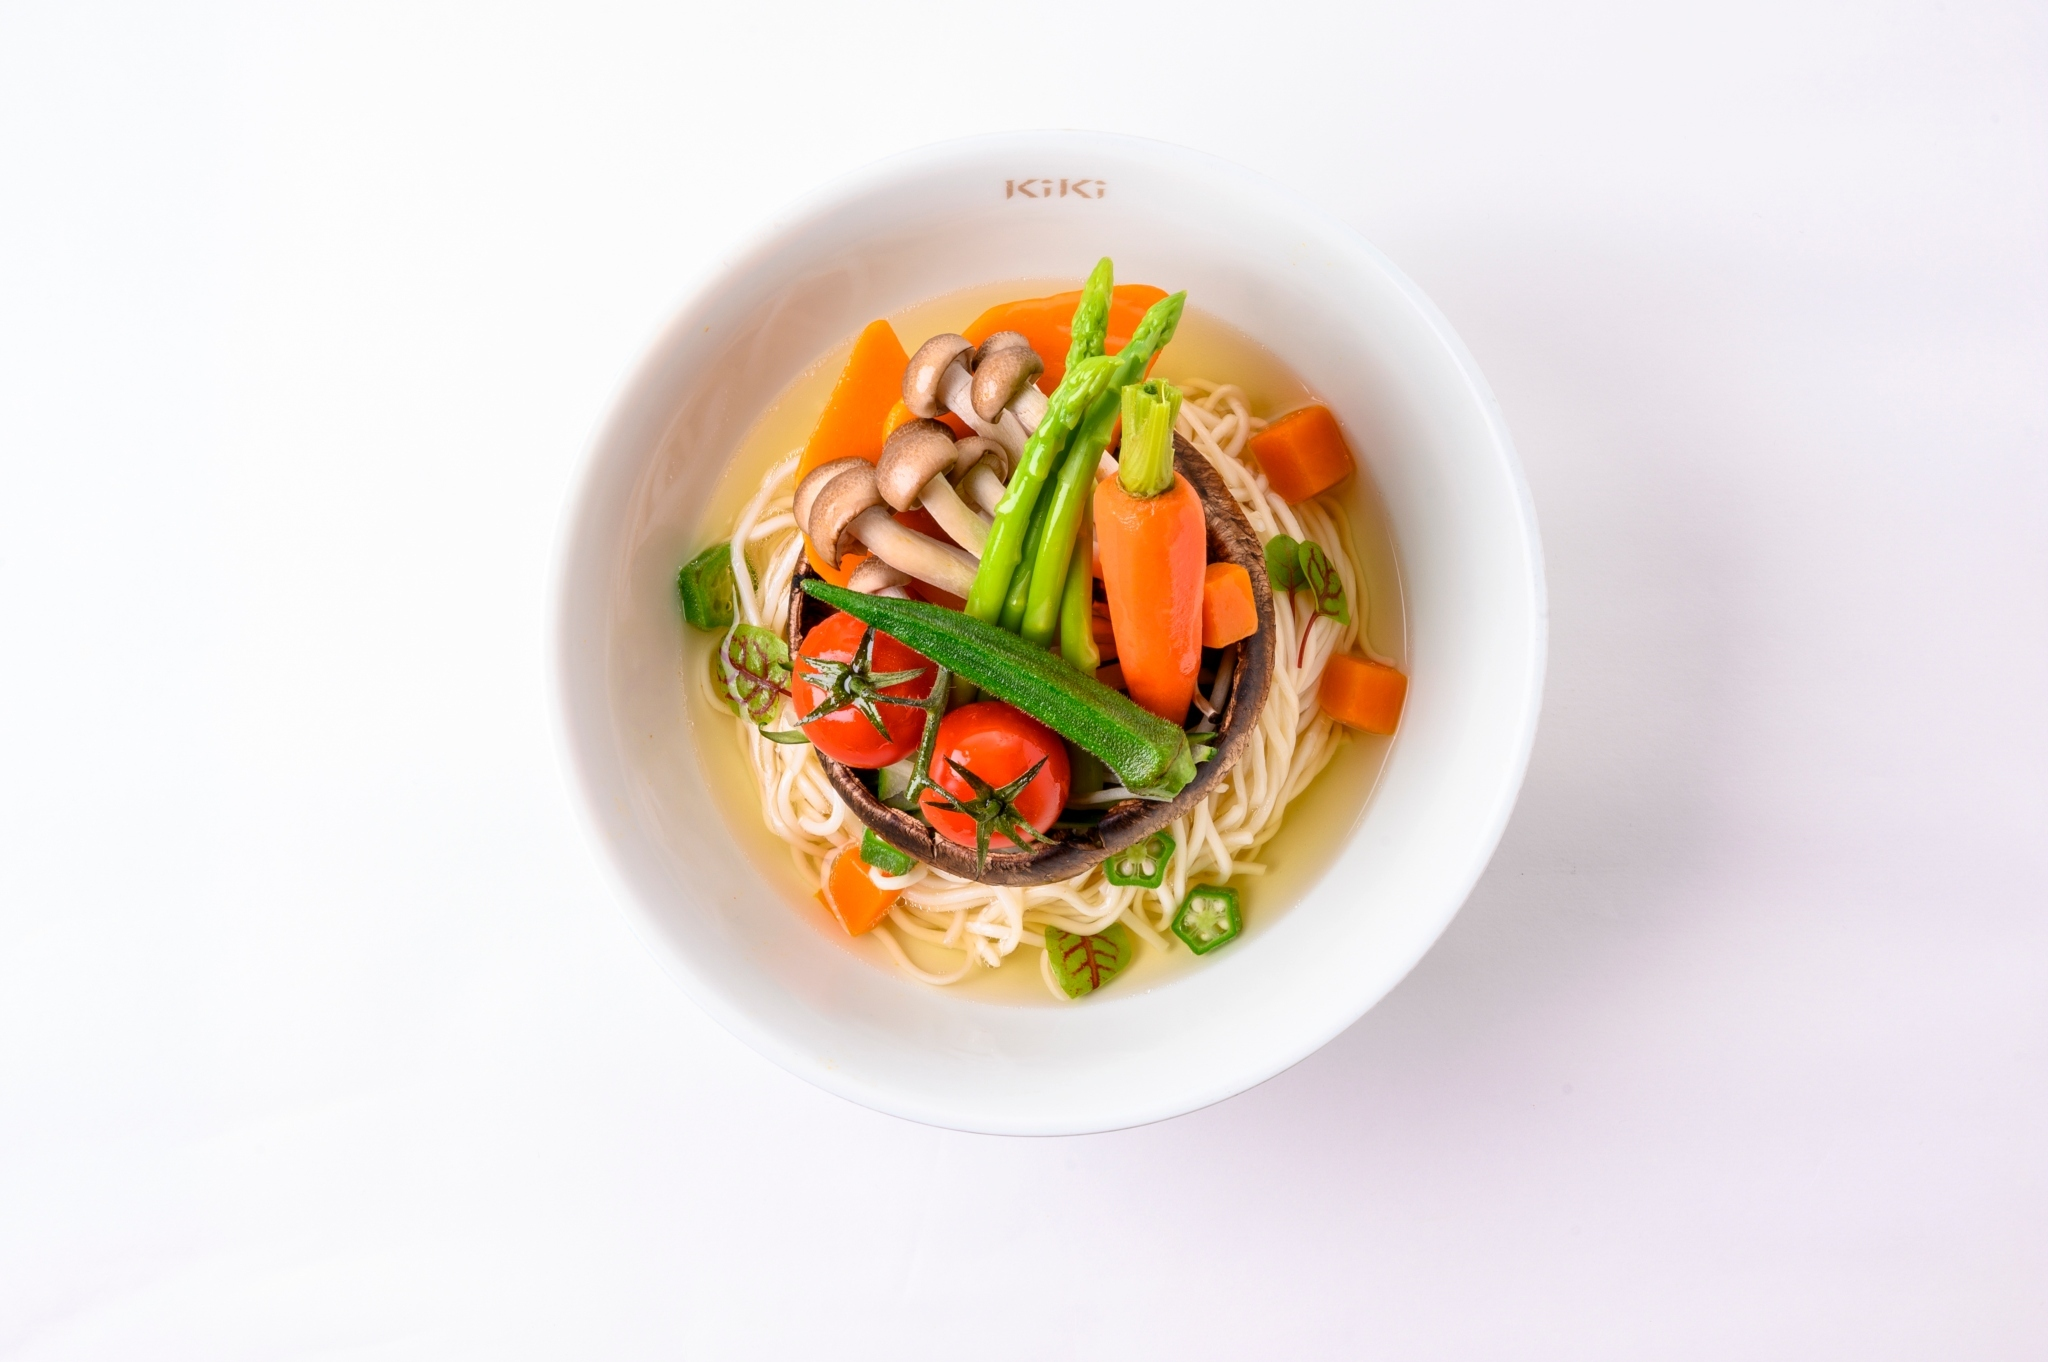 KiKi noodles